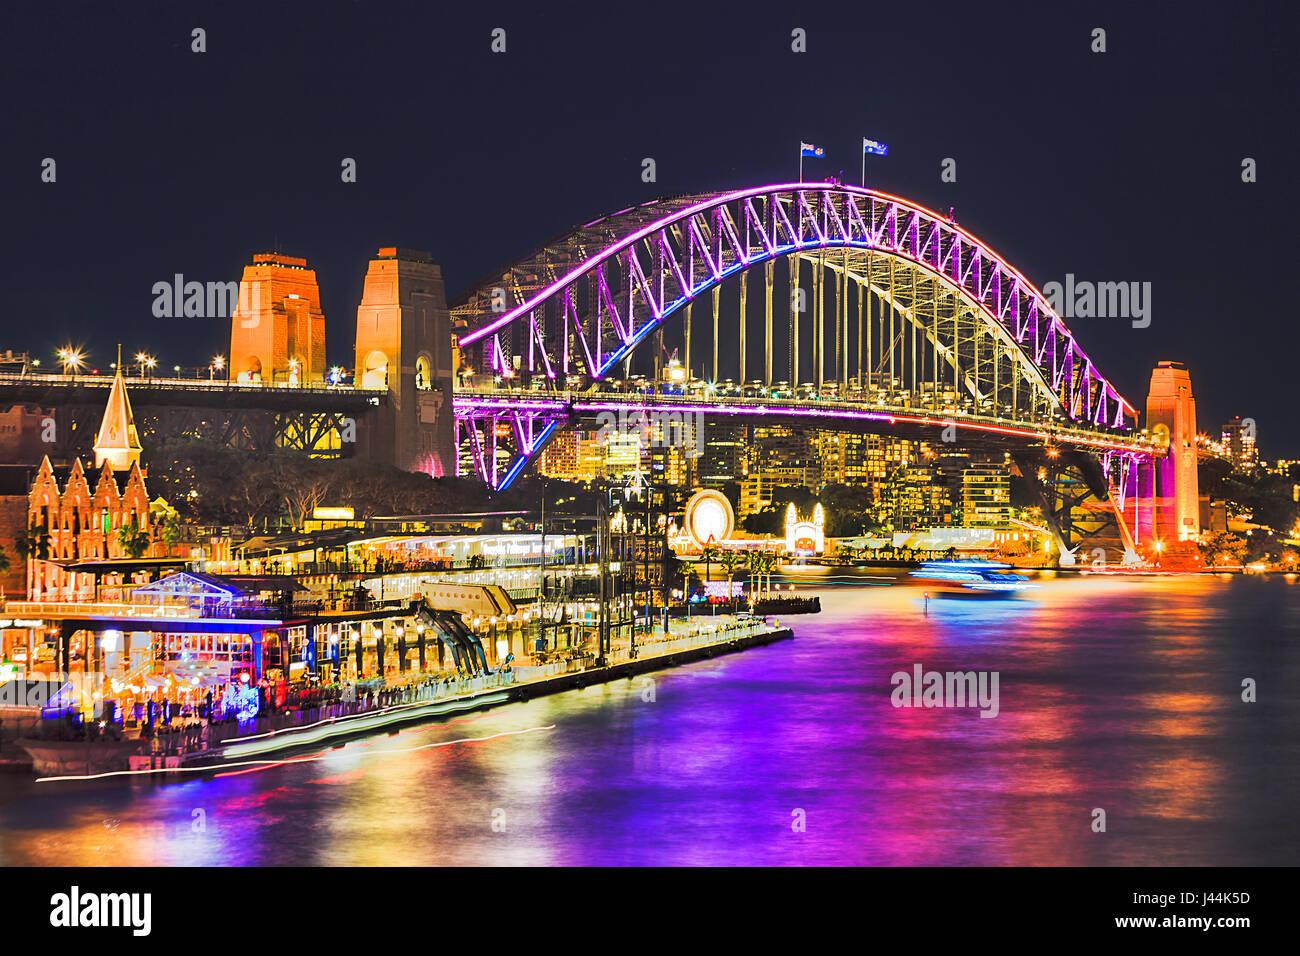 Großen Bogen der Sydney Harbour Bridge beleuchtet hell während der jährlichen Lichtshow Sydney vivid Stockbild